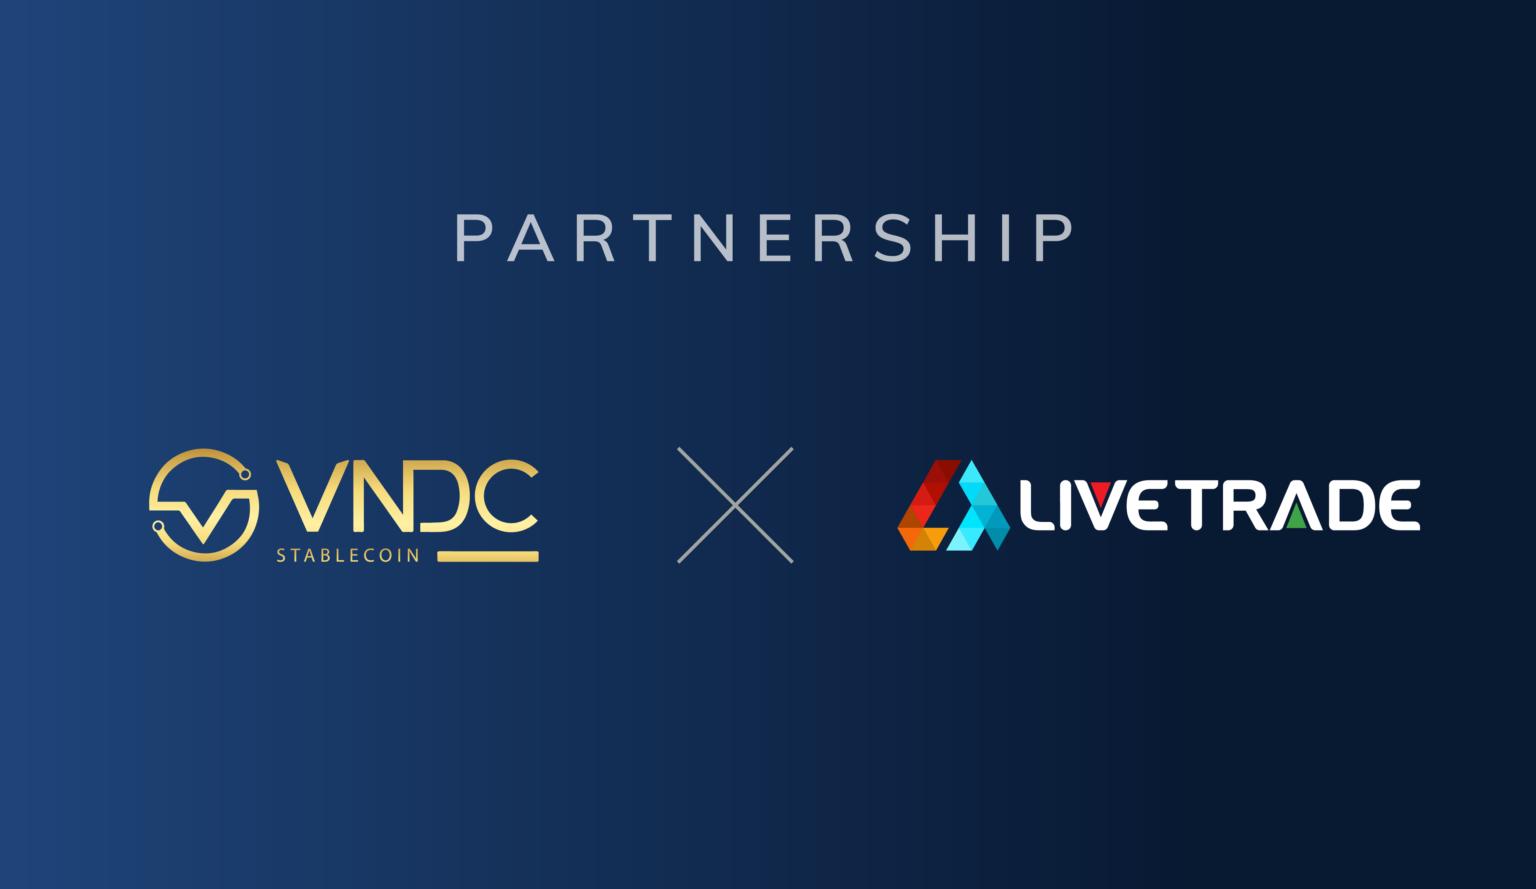 LIVETRADE x VNDC ký kết thỏa thuận mua 5 triệu USD cổ phiếu với VEMANTI GROUP